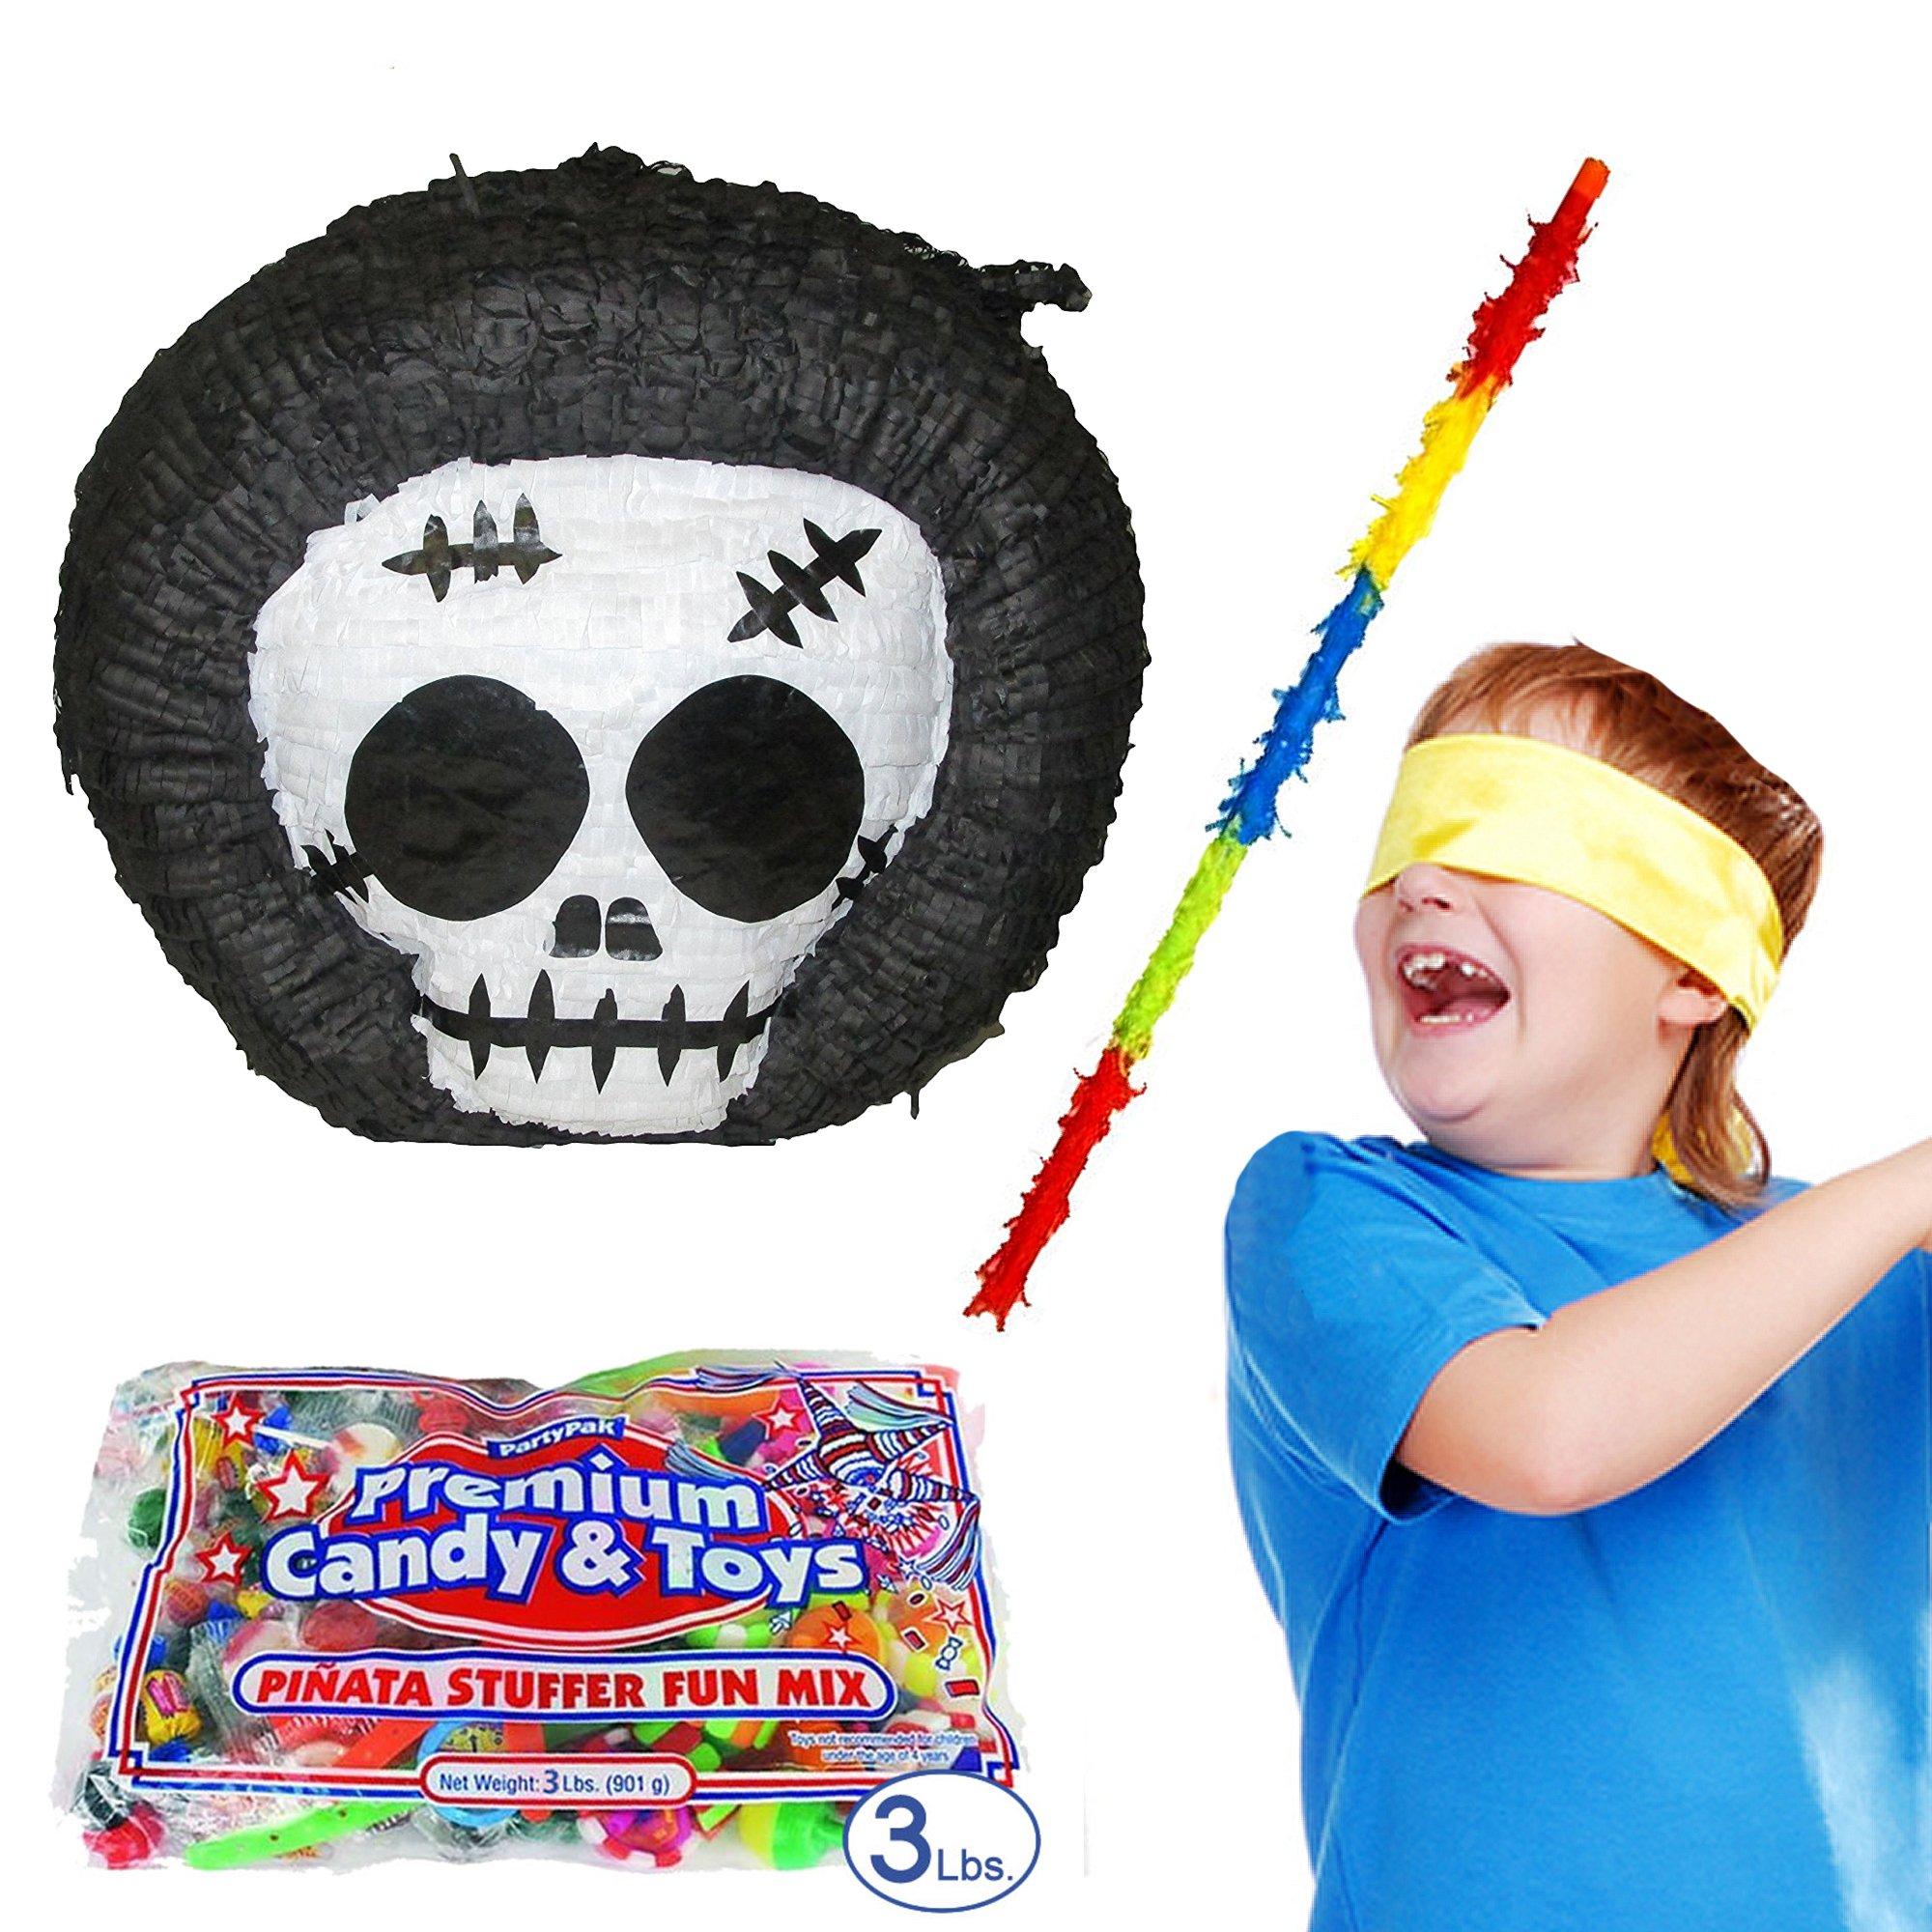 Pinatas Grim Reaper Halloween Pinata Kit Including Pinata, Buster Stick, Bandana, Toy and Candy Filler, 3 lb. by Pinatas (Image #1)